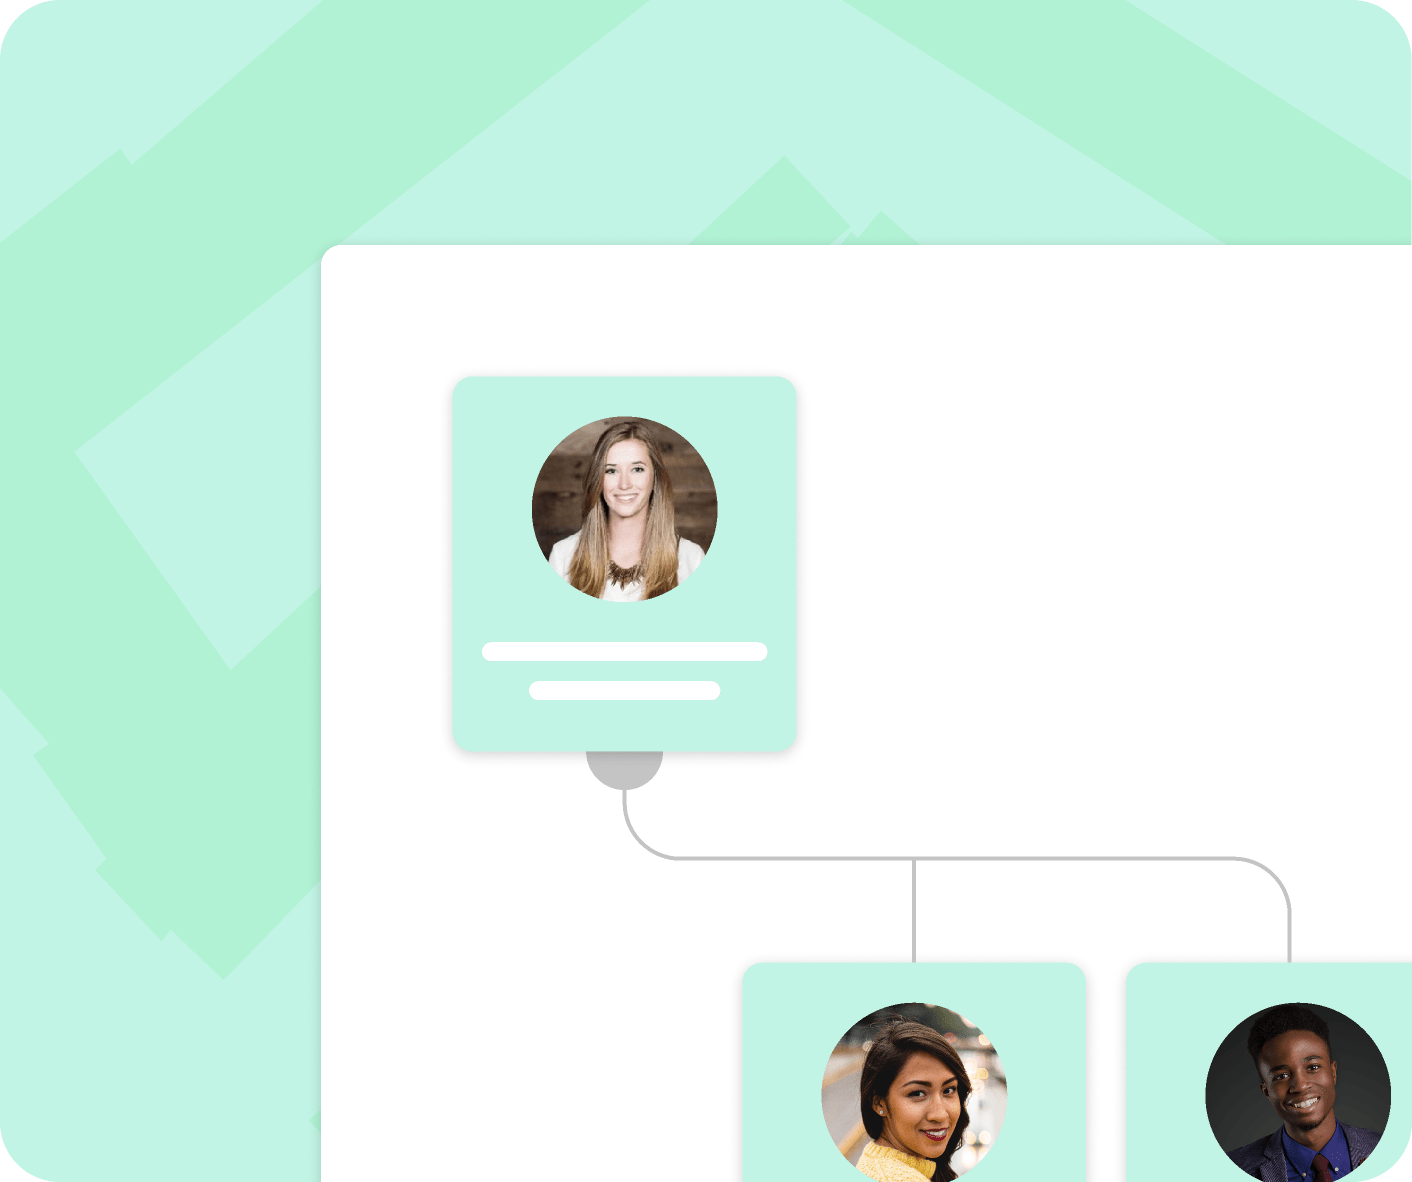 interfaz del software de organigramas de Kenjo